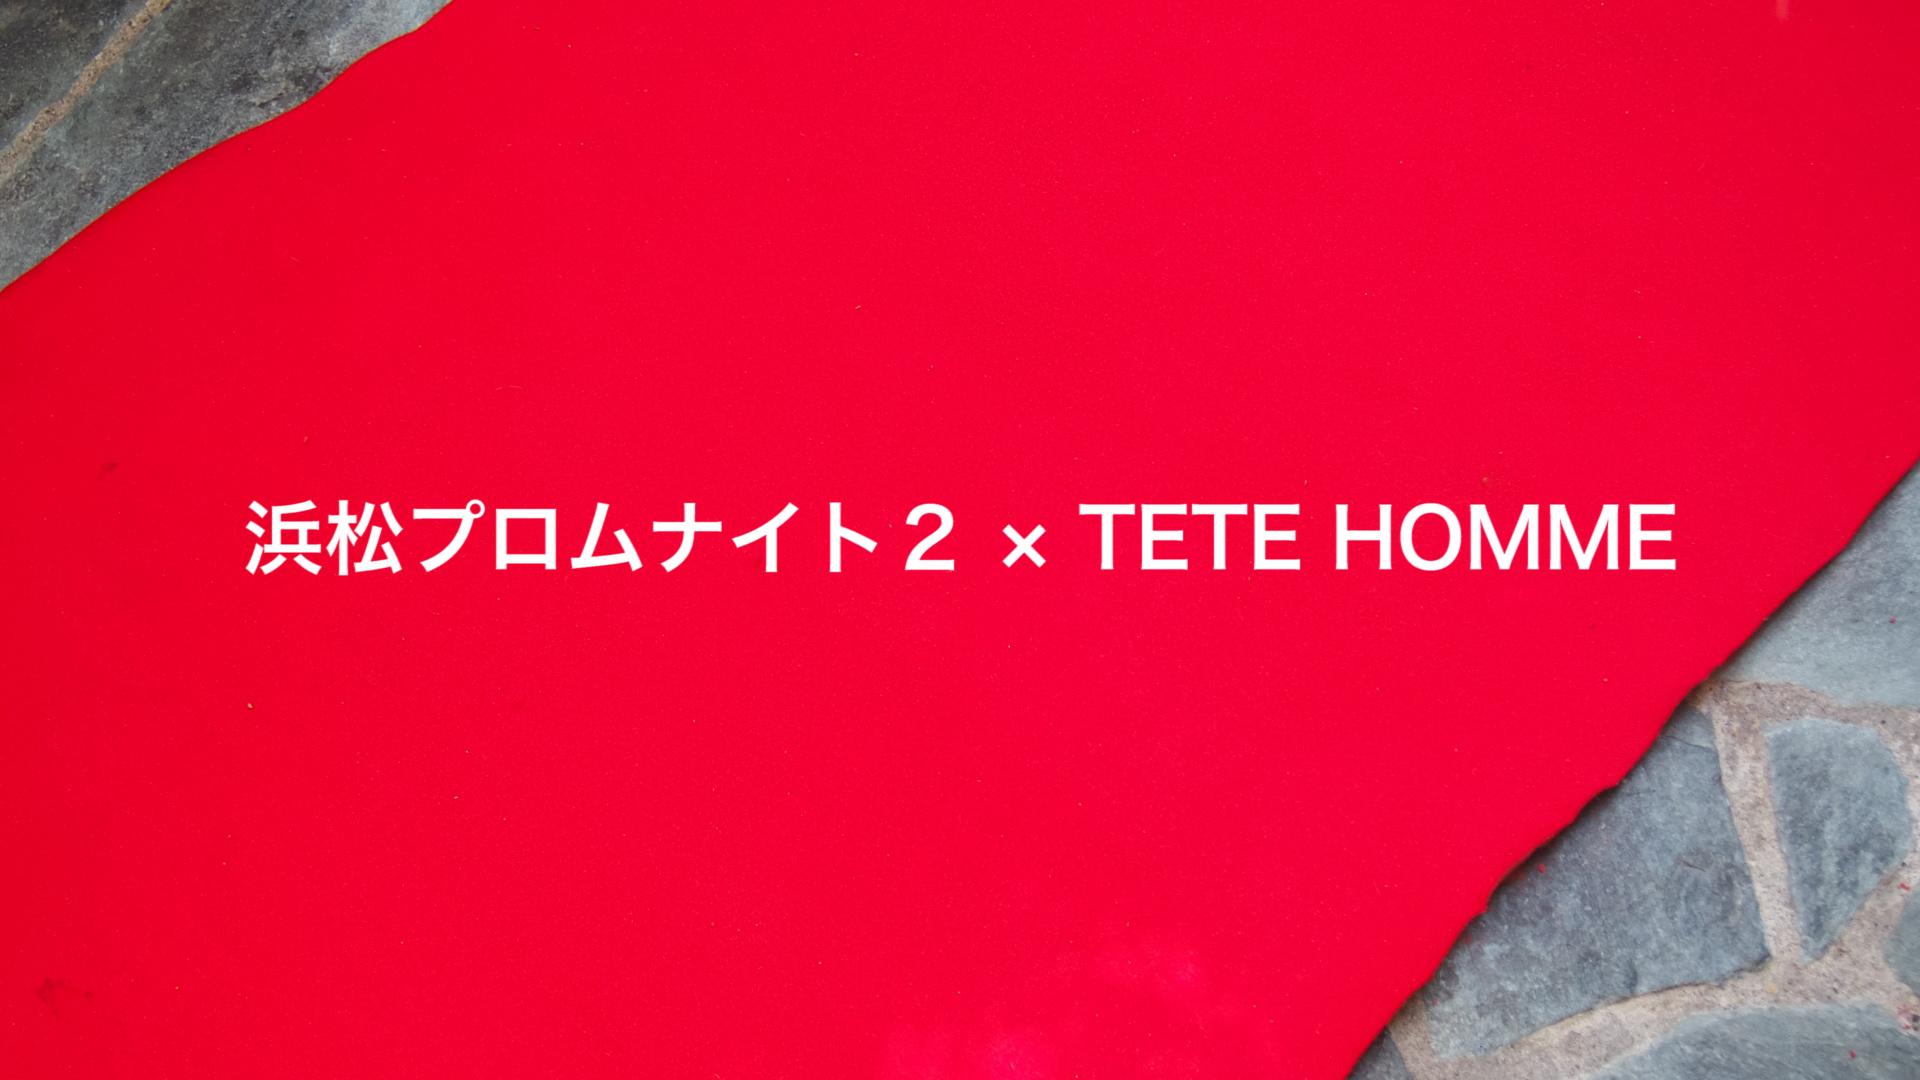 浜松プロムナイト2×TETEHOMME